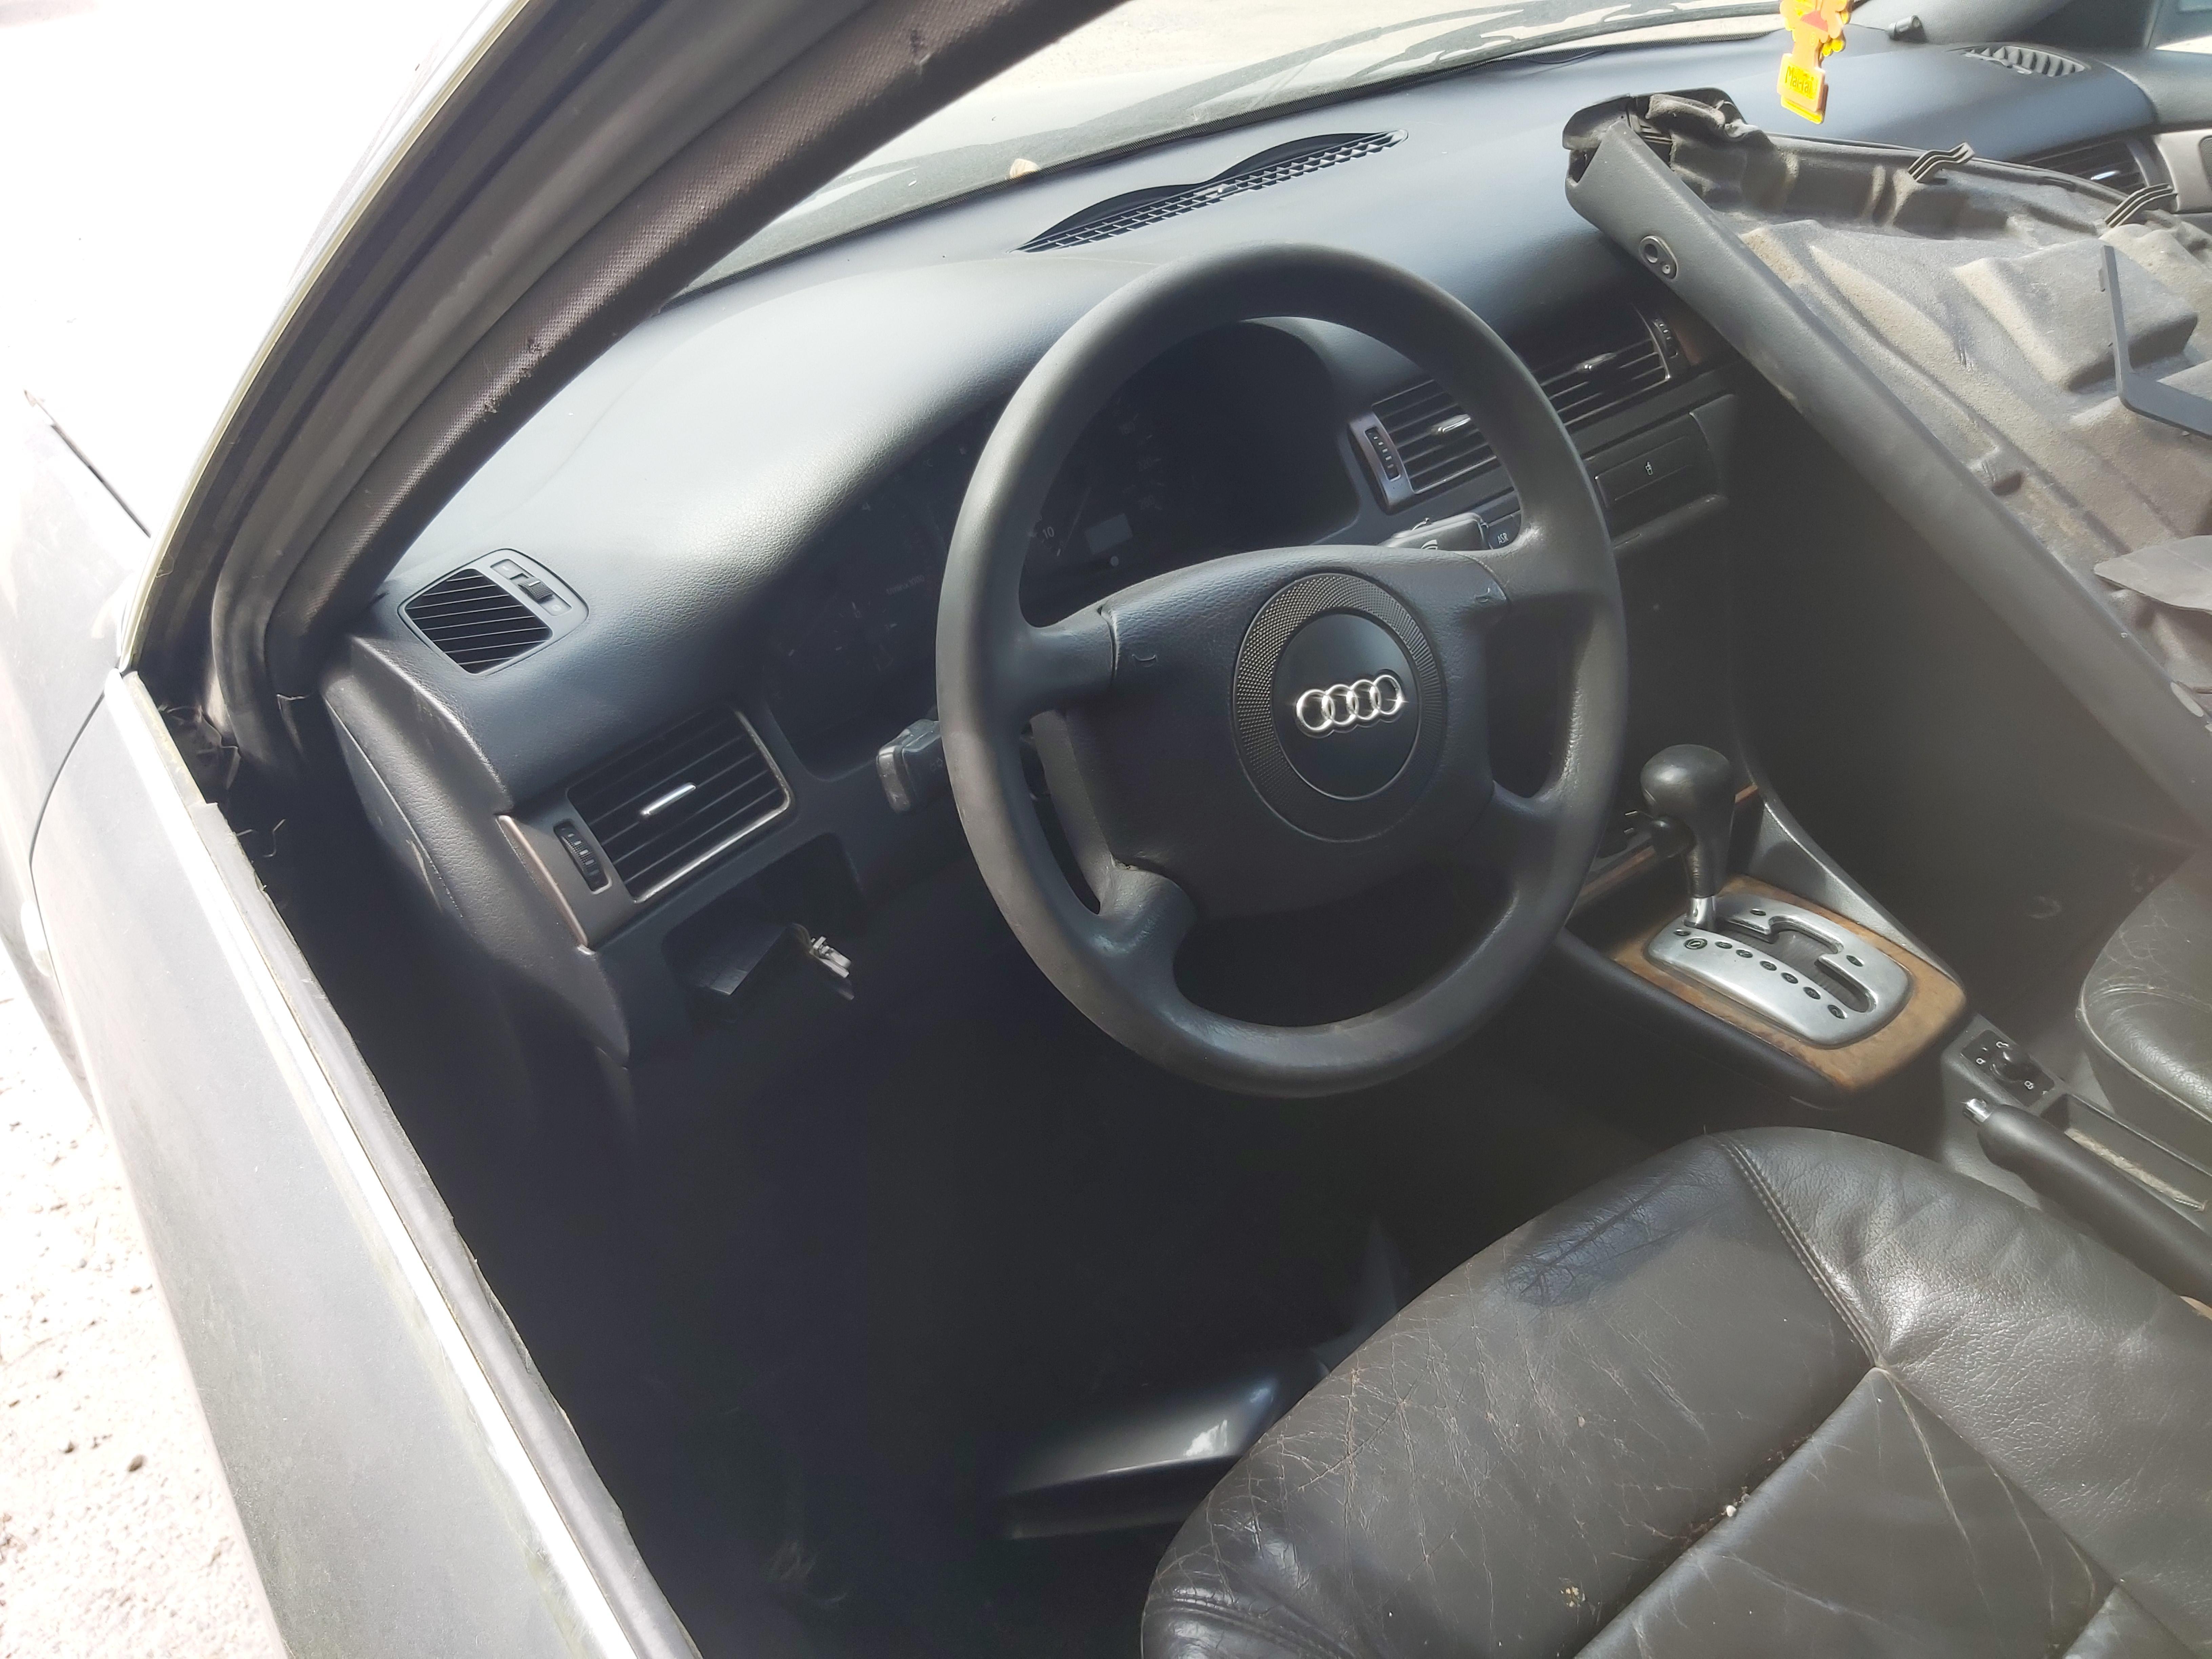 Подержанные Автозапчасти Audi A6 1998 2.5 автоматическая универсал 4/5 d. Серый 2020-8-04